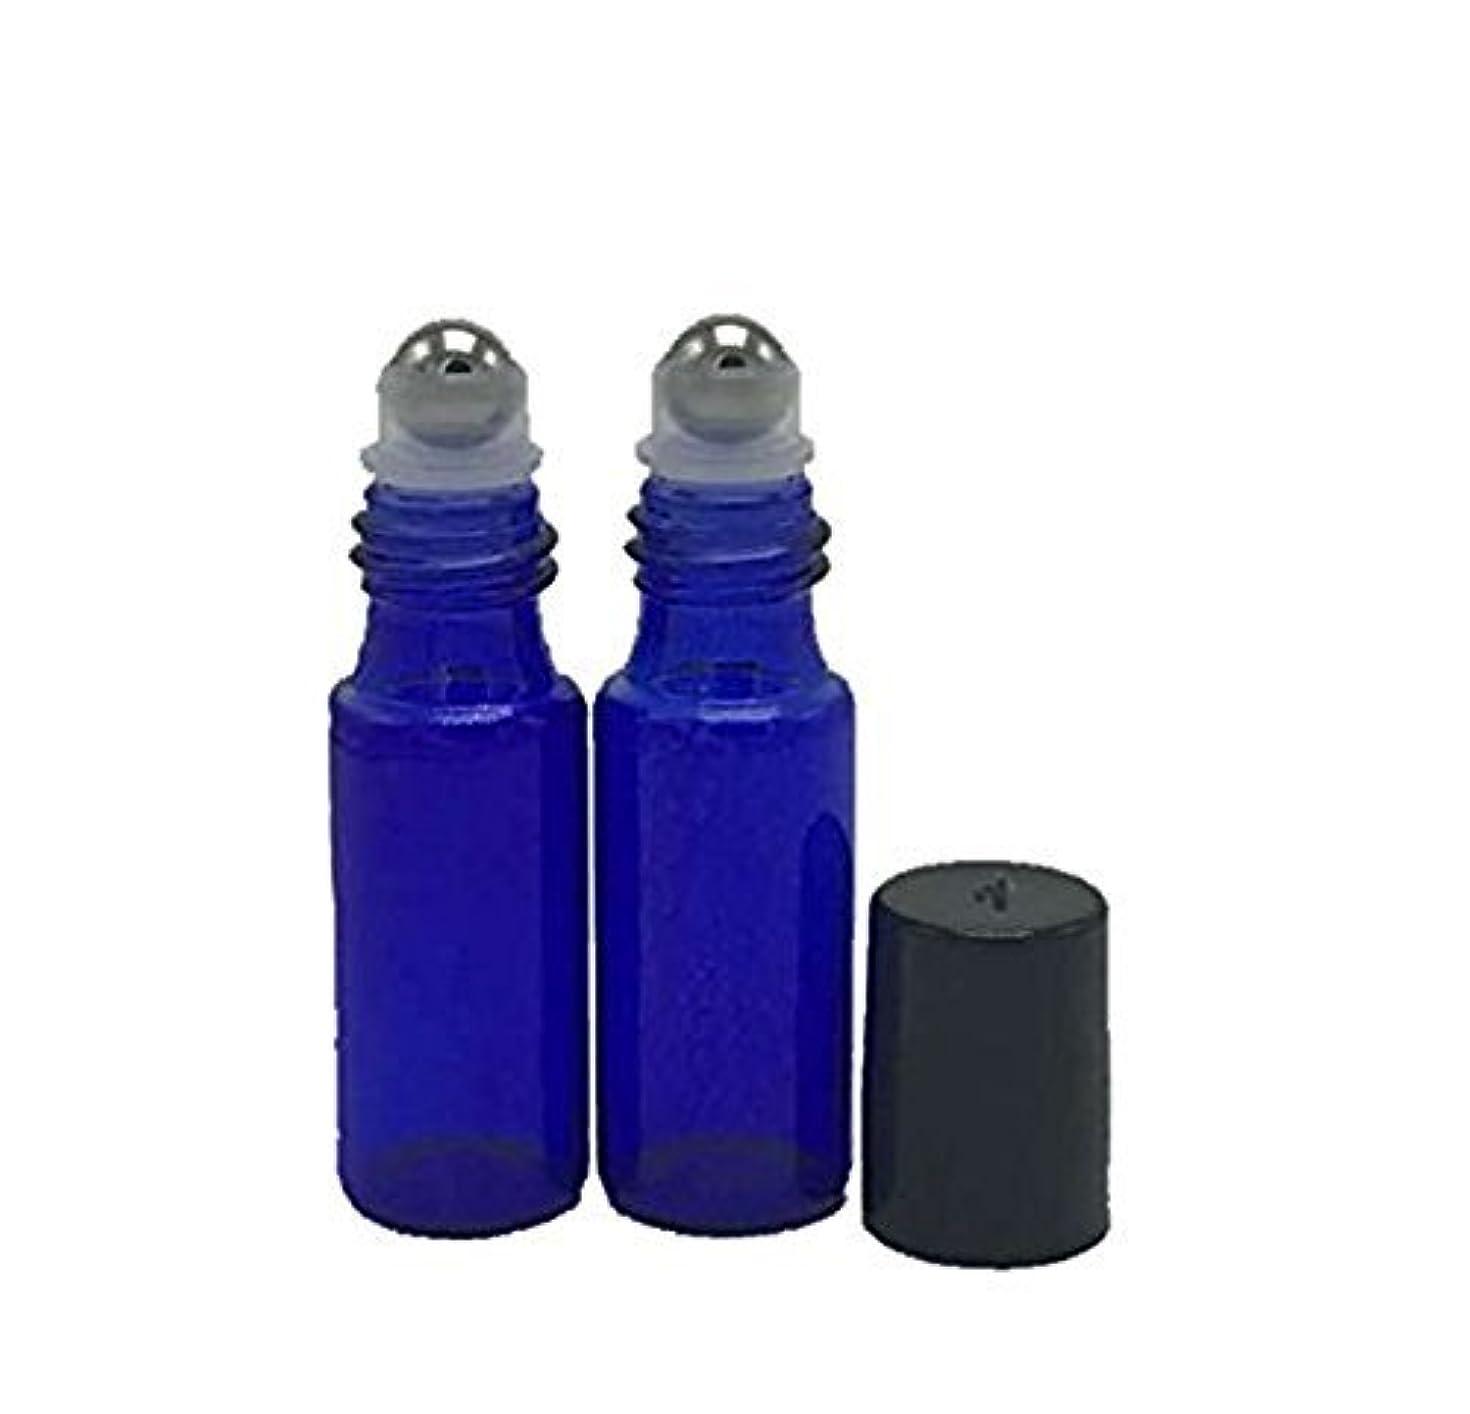 明らかにする露骨な行くHaifly 12 Pcs 5 ml Empty Refillable Rollerball Glass Bottles for Essential Oil with 3 ml Dropper Blue [並行輸入品]